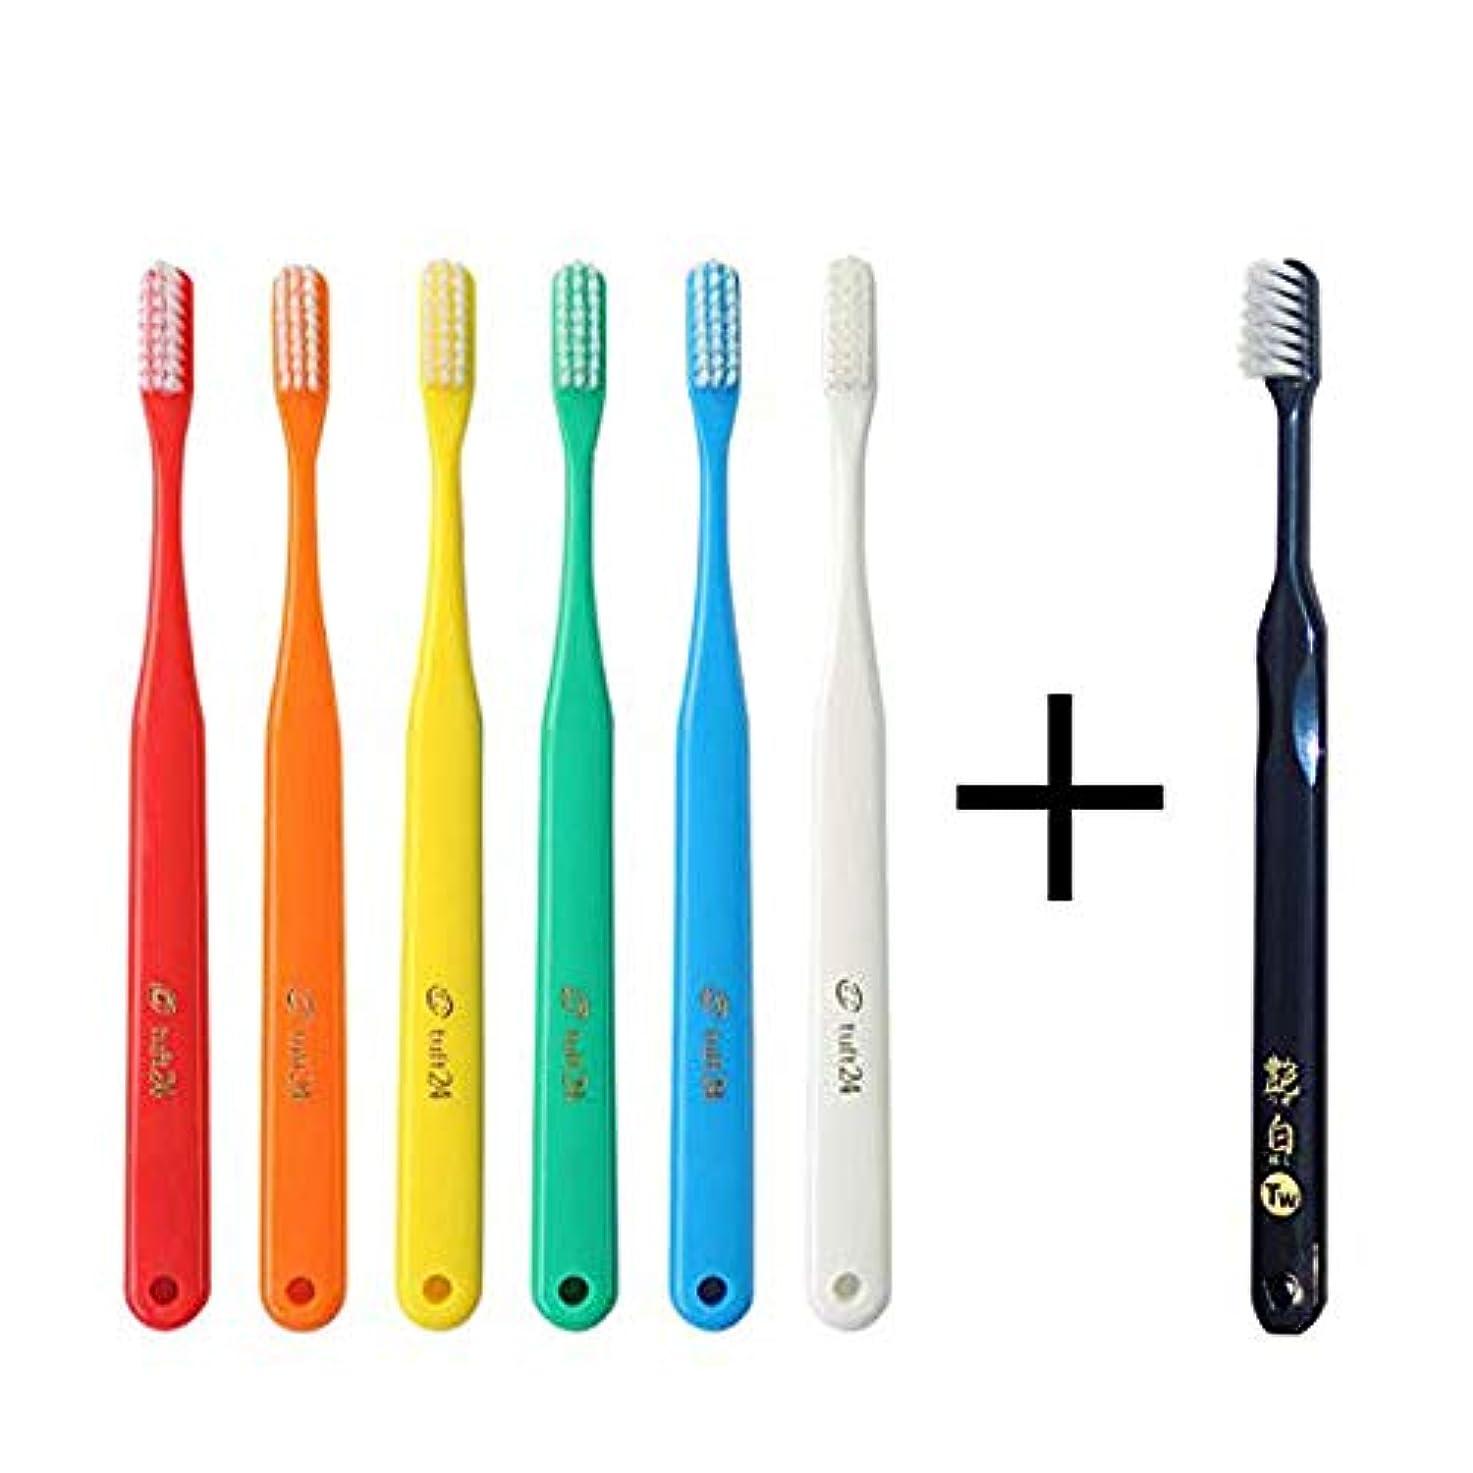 送金大胆東部タフト24 歯ブラシ× 10本 (M) キャップなし + 艶白ツイン 歯ブラシ (M ふつう) ×1本 むし歯予防 歯科専売